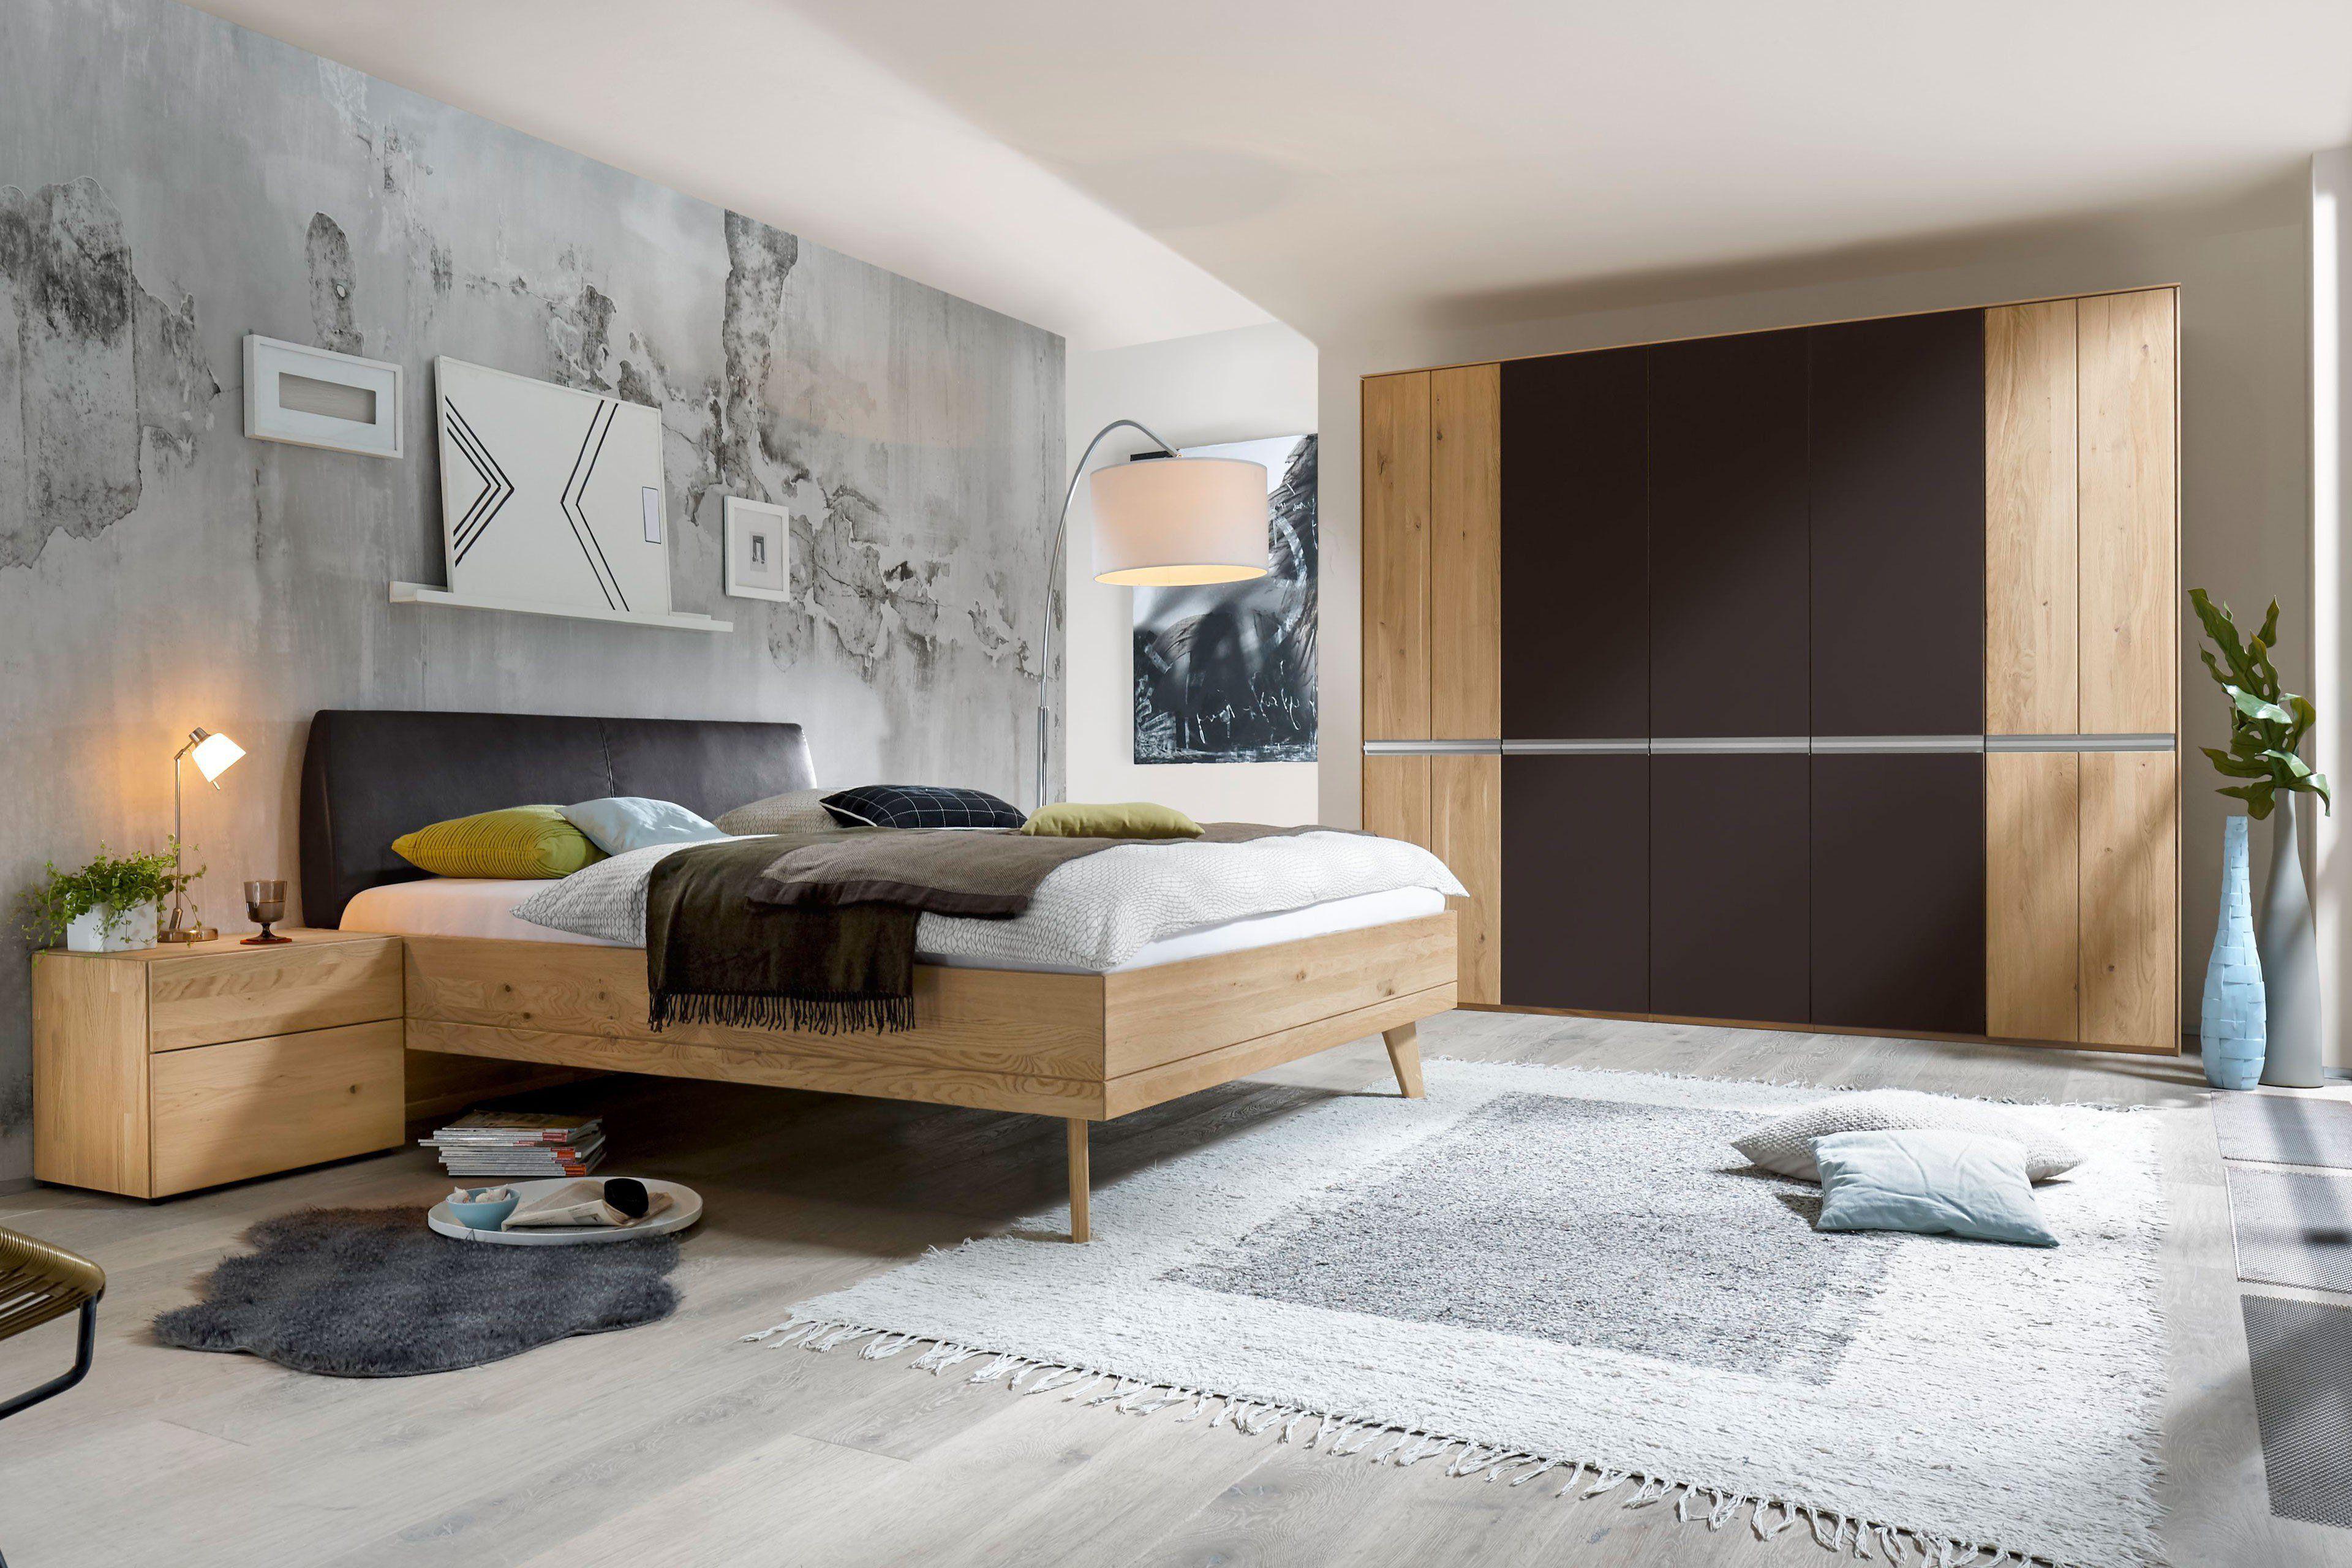 Neu Loddenkemper Schlafzimmer Ideen - Wohndesign -